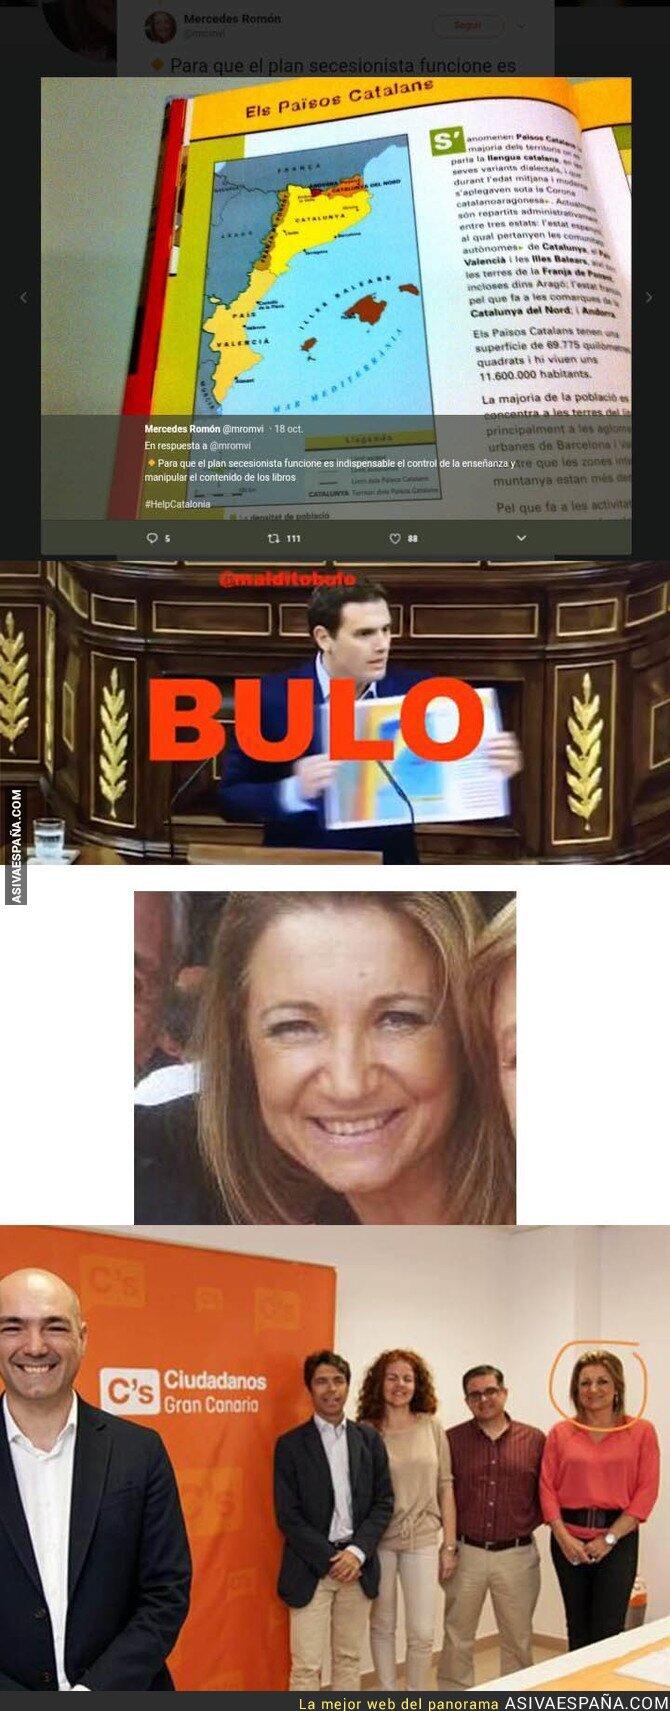 79286 - Esta es la responsable de que Albert Rivera MINTIESE en el Congreso sobre los catalanes -otra vez más-